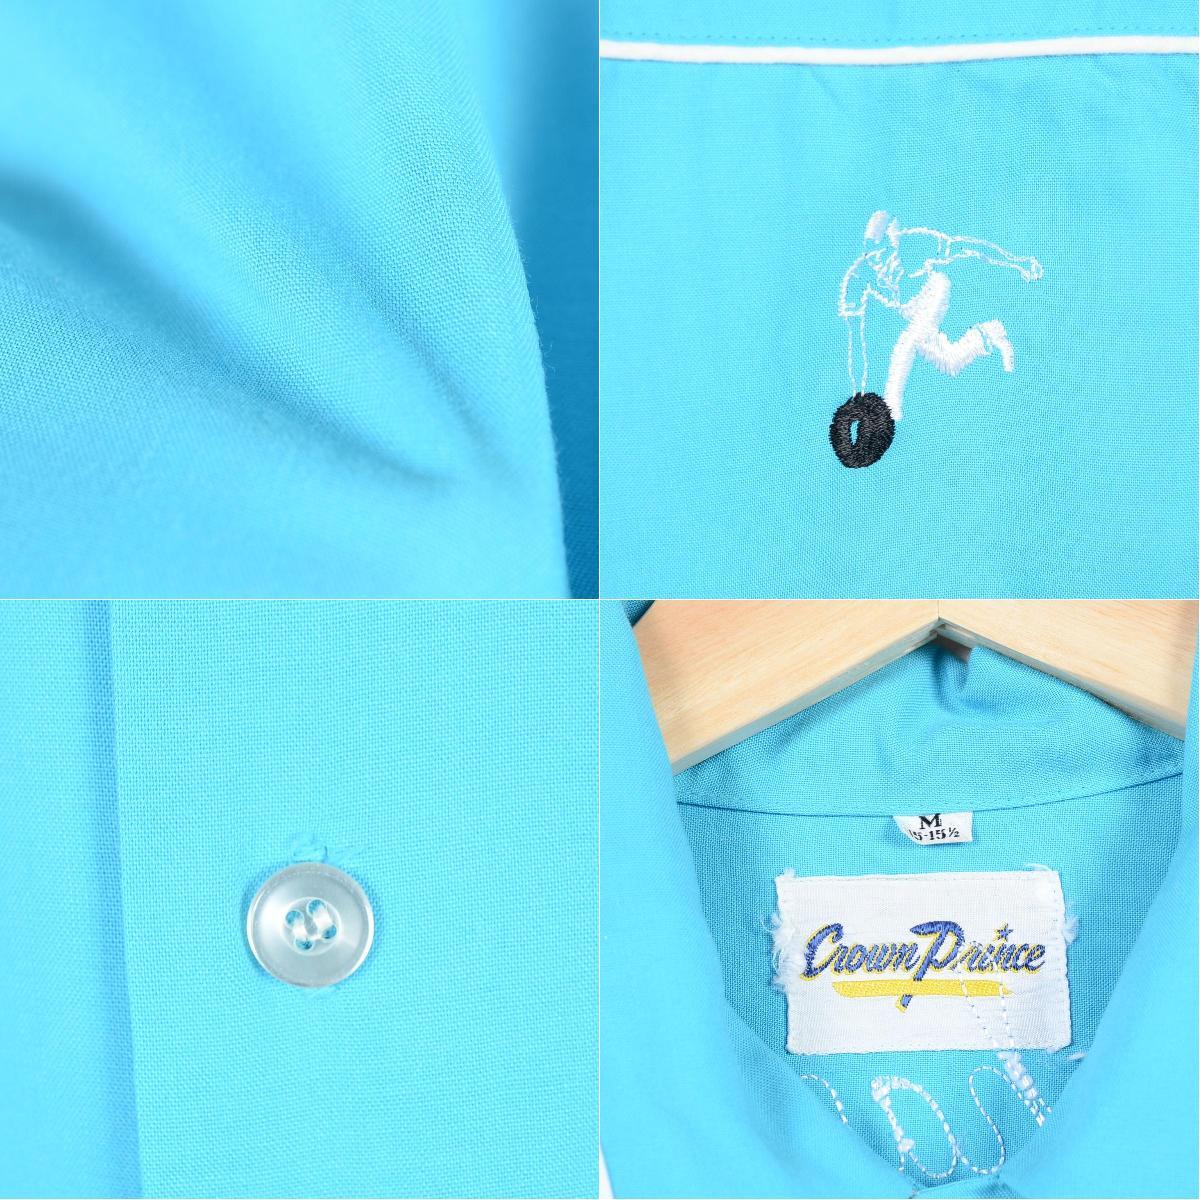 60年代CROWN PRINCE背链子刺绣人造丝保龄球衬衫人L复古/weh9558 150705